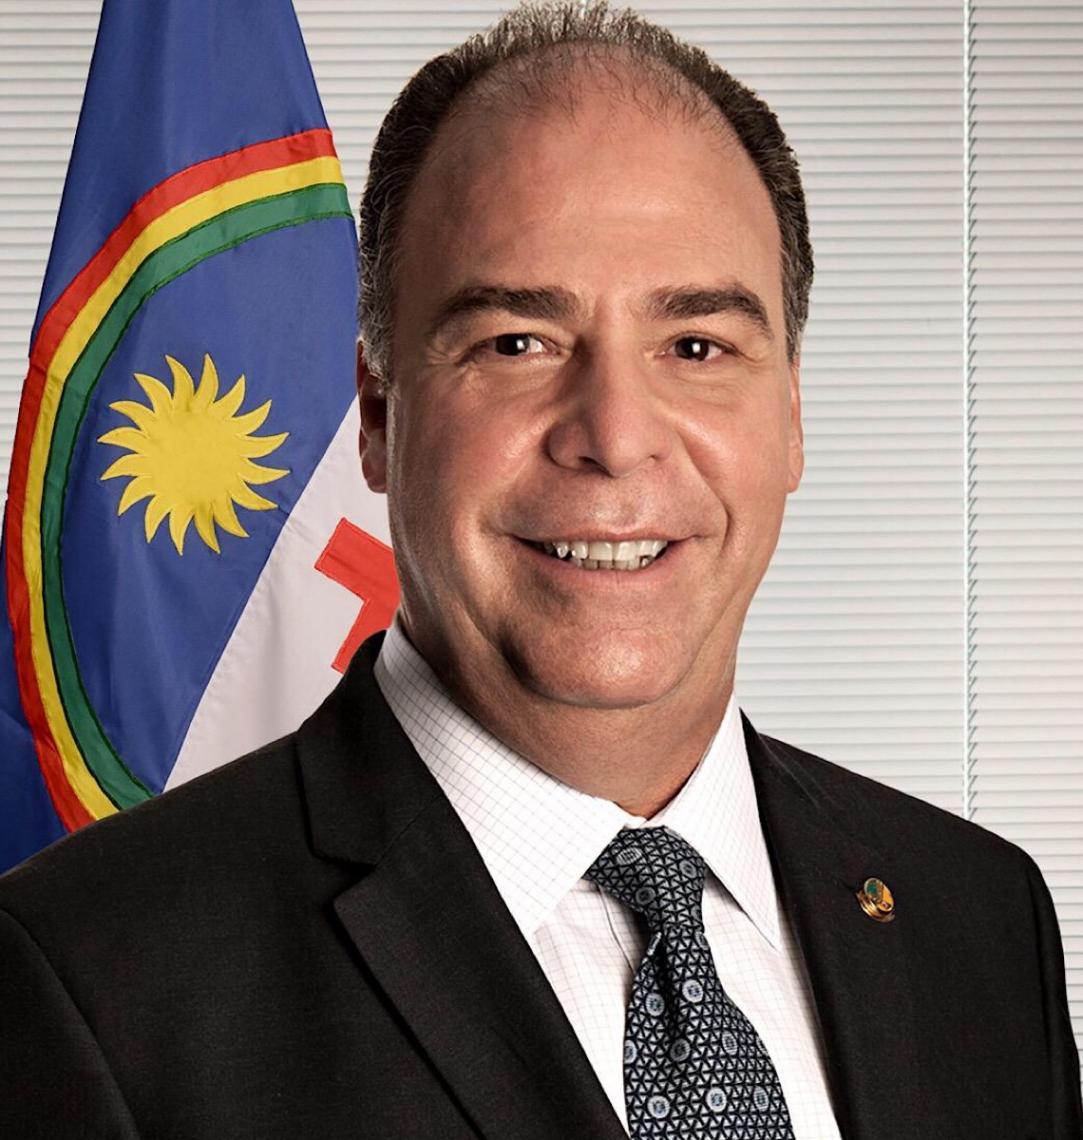 Fernando Bezerra Coelho. Polícia Federal mira líder do governo no Senado e faz buscas no Congresso